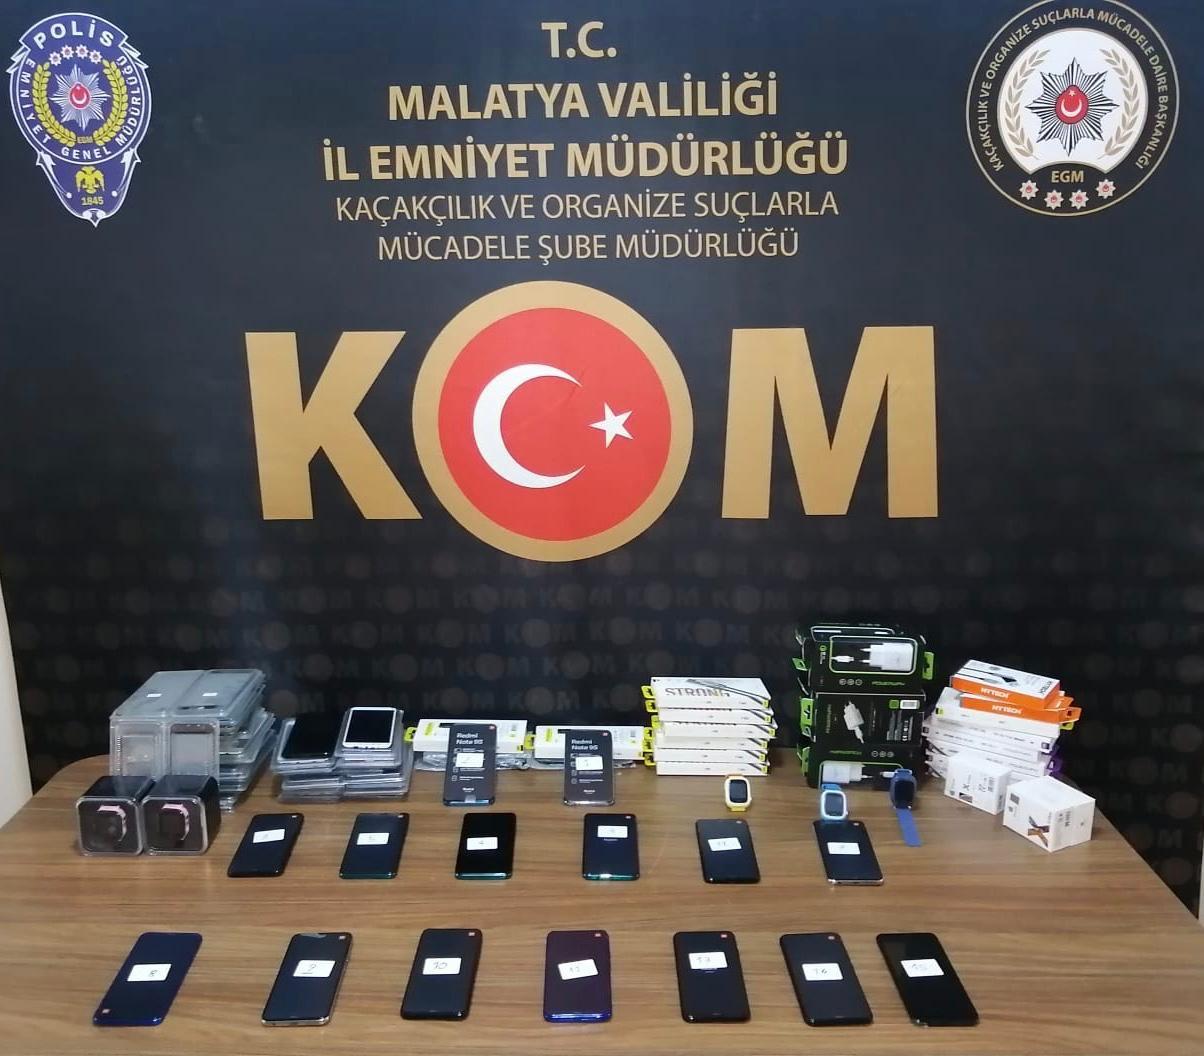 Kaçak cep telefonları ele geçirildi